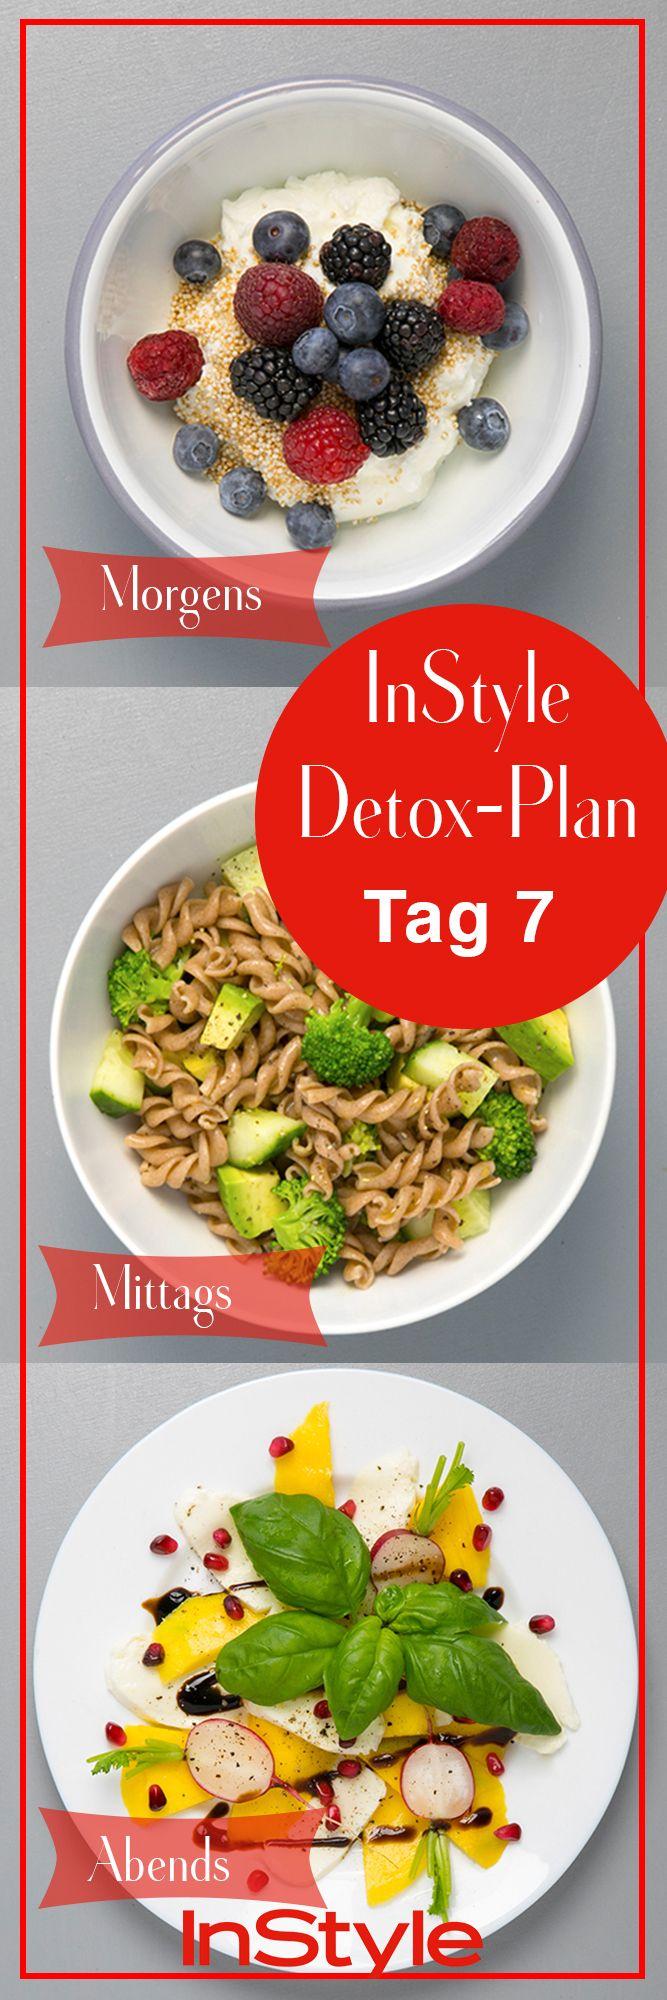 Der 7 Tage Detox Plan: Körper entgiften ohne zu hungern!